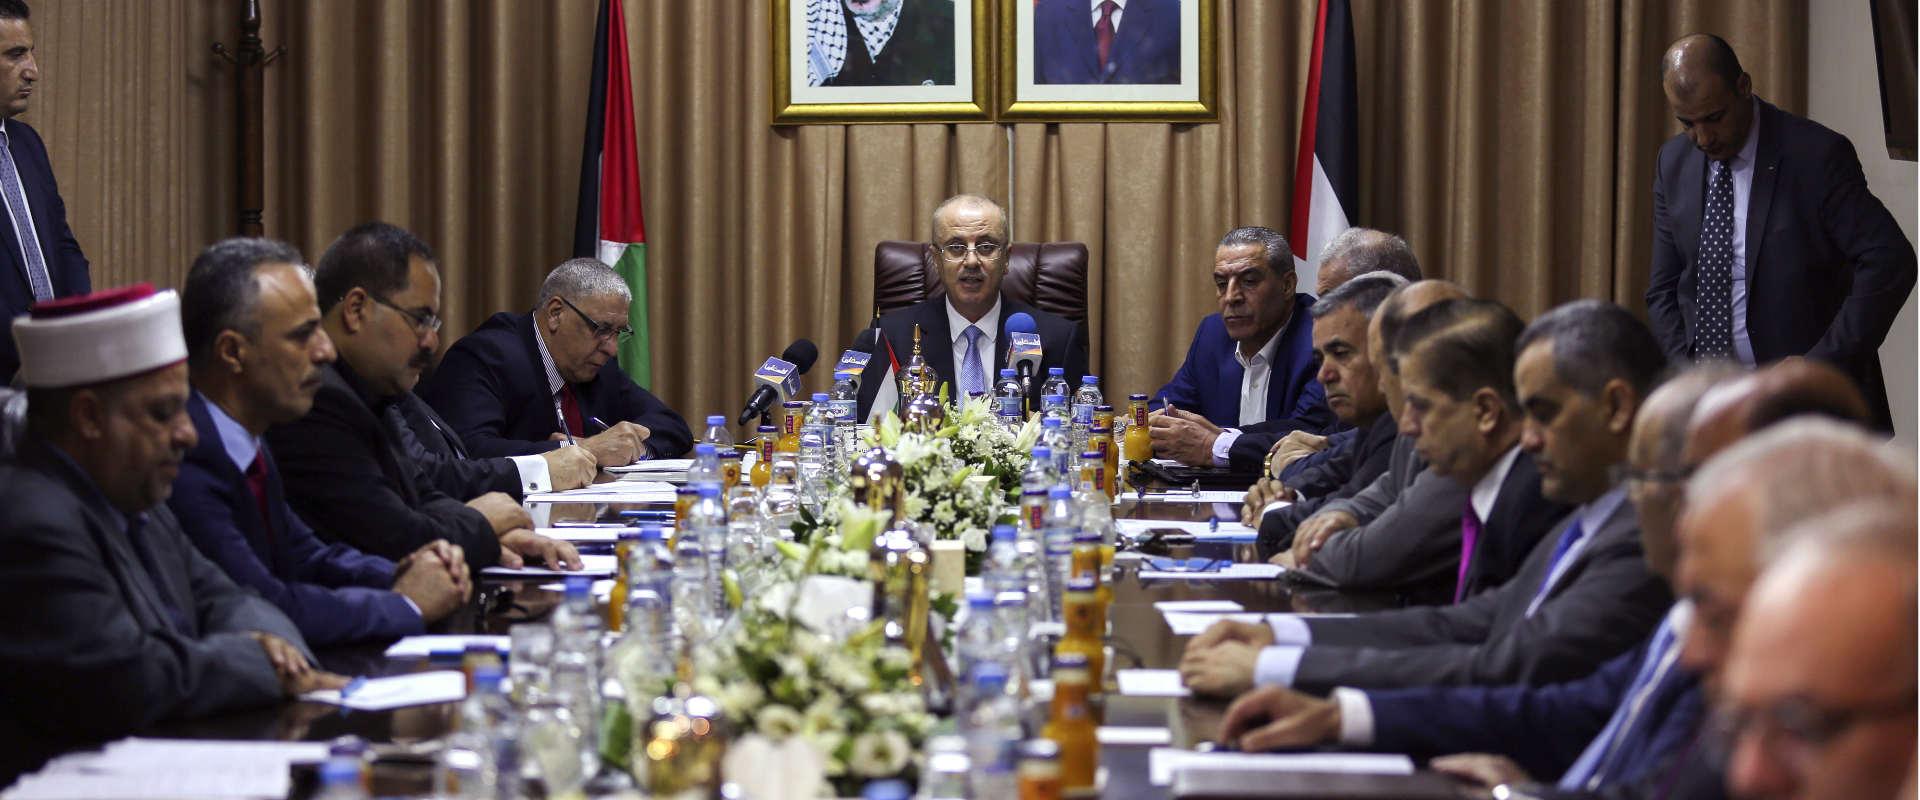 ישיבת הממשלה הפלסטינית בעזה